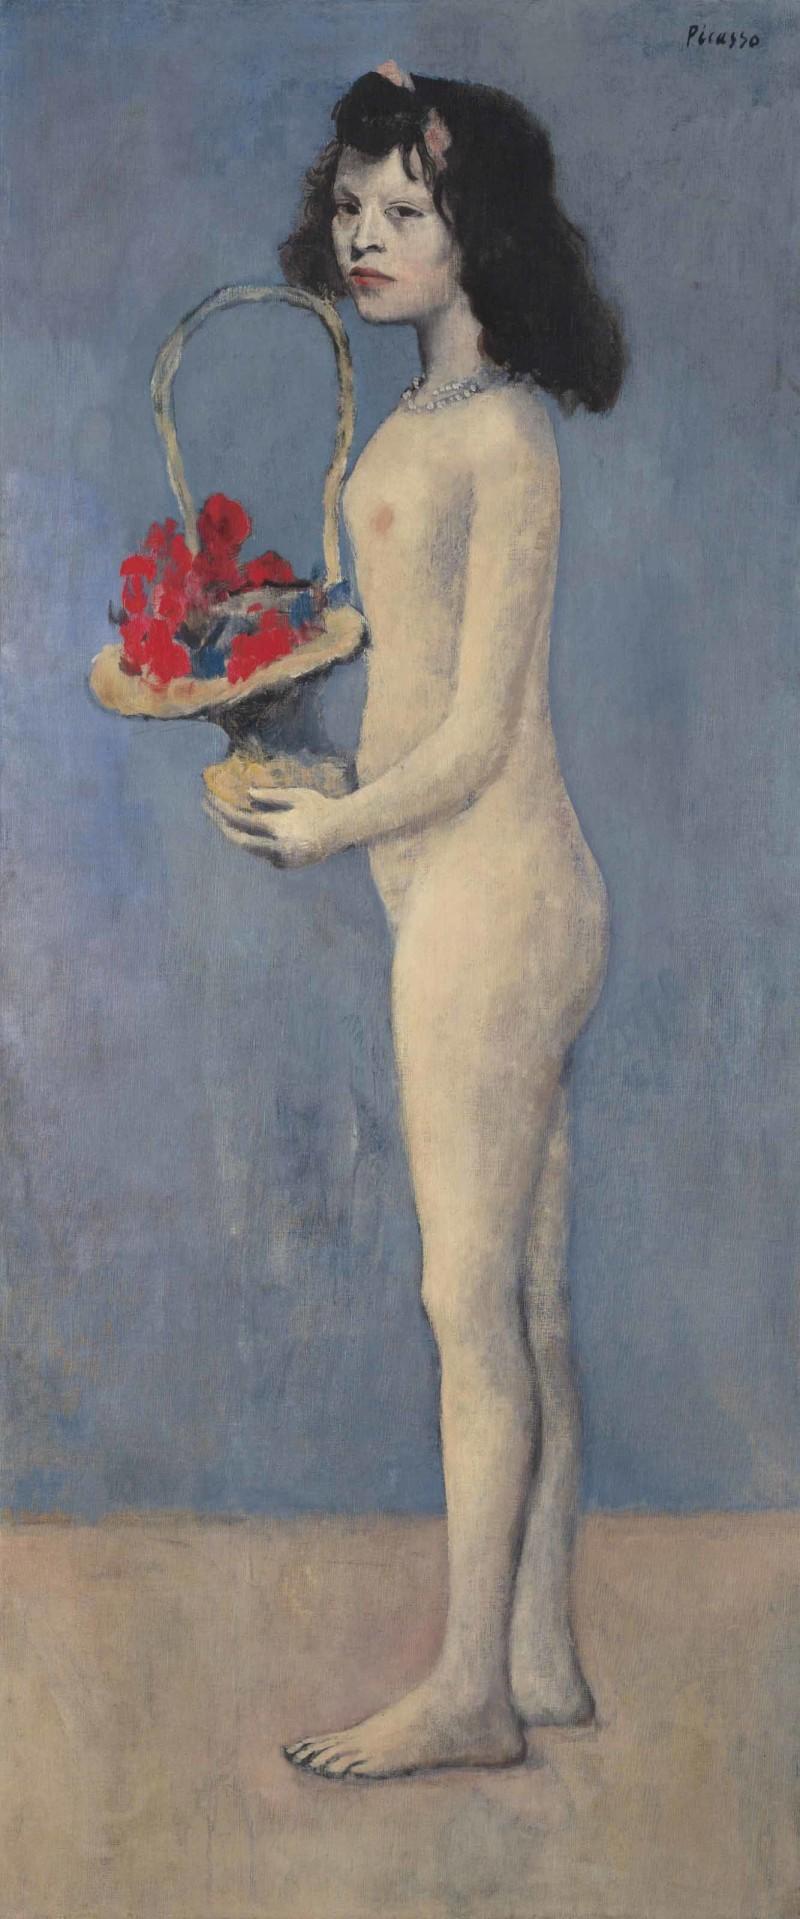 Fillete à la corbielle fleurie, Pablo Picasso. Foto: Christie's.